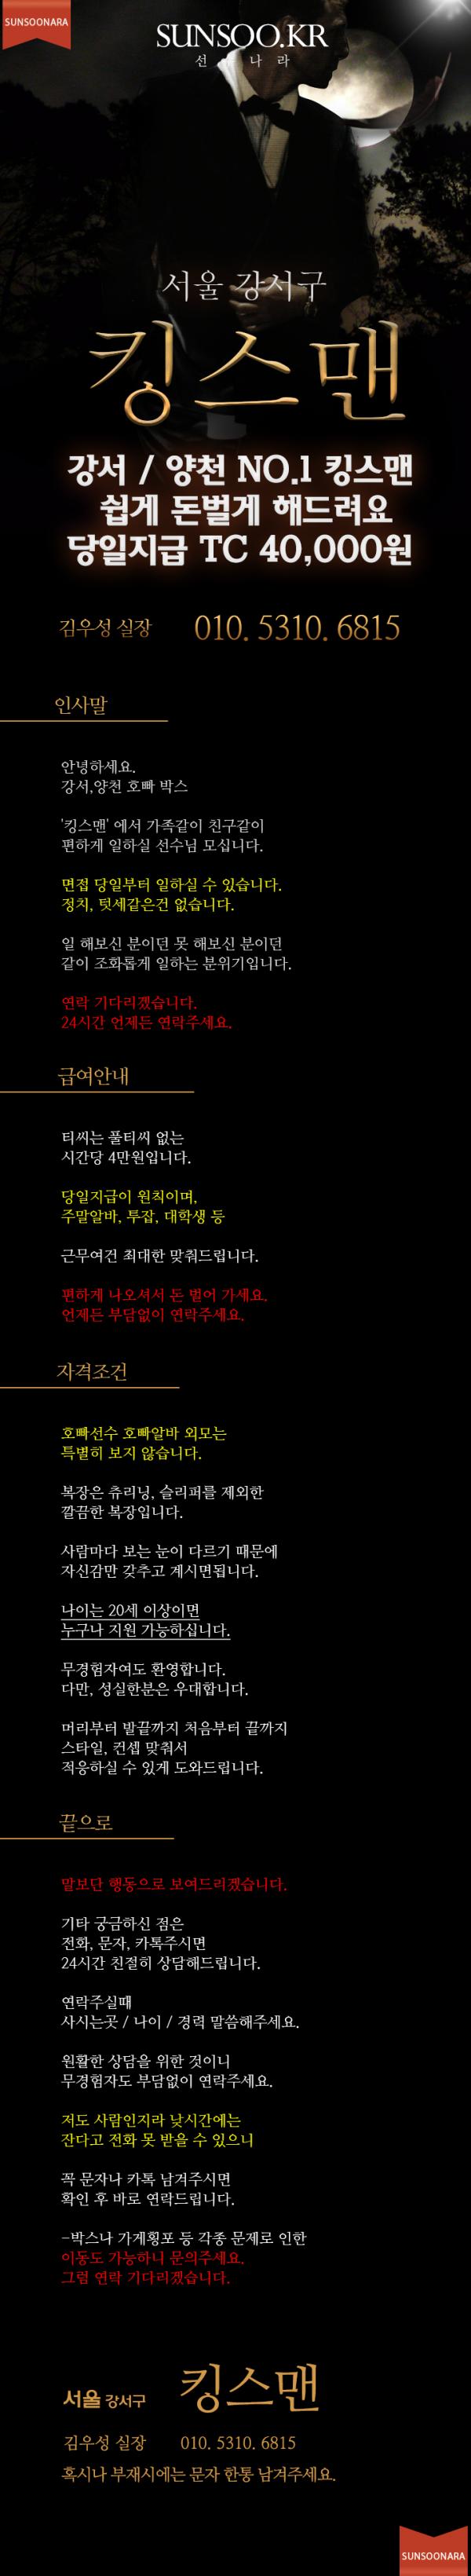 강서 킹스맨.png